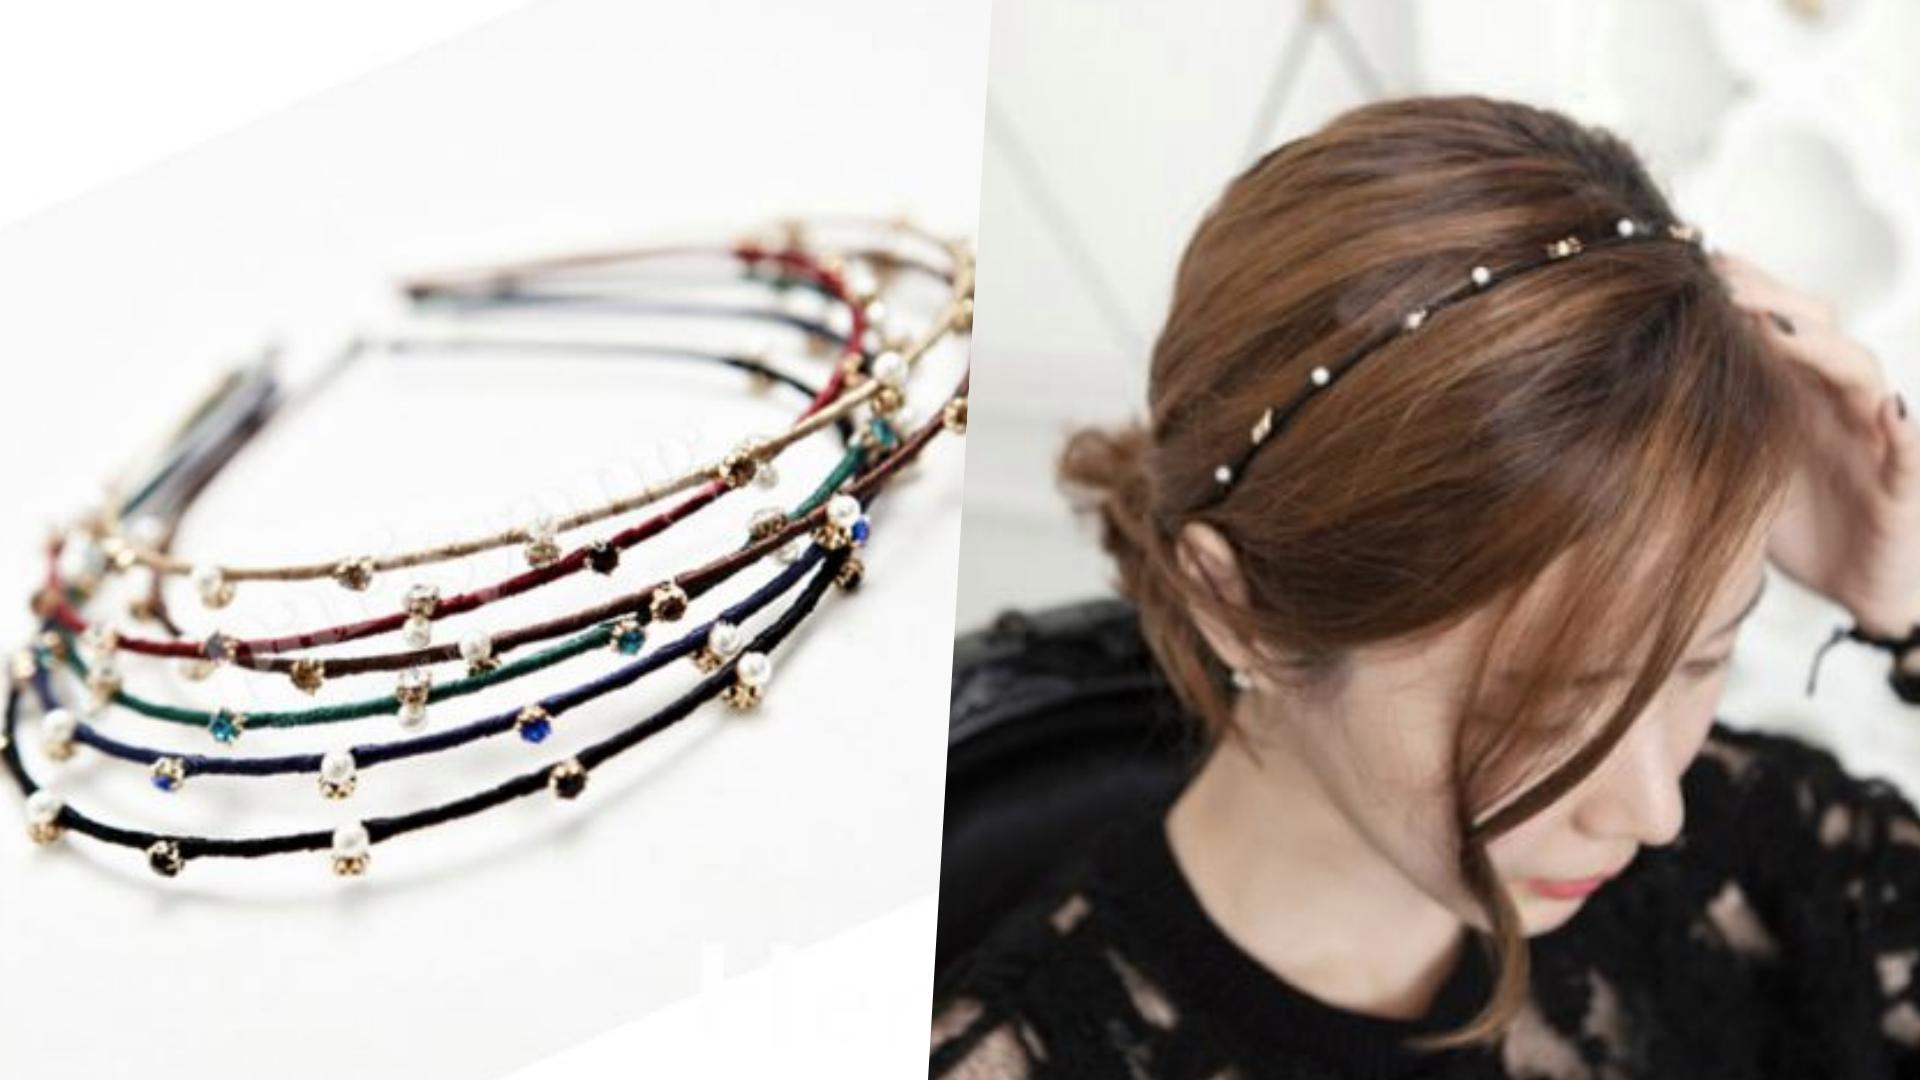 Hera赫拉 韓款氣質綴鑽珍珠細版頭箍/髮箍(三色),細版的看起來很秀氣,戴上去很有千金感!